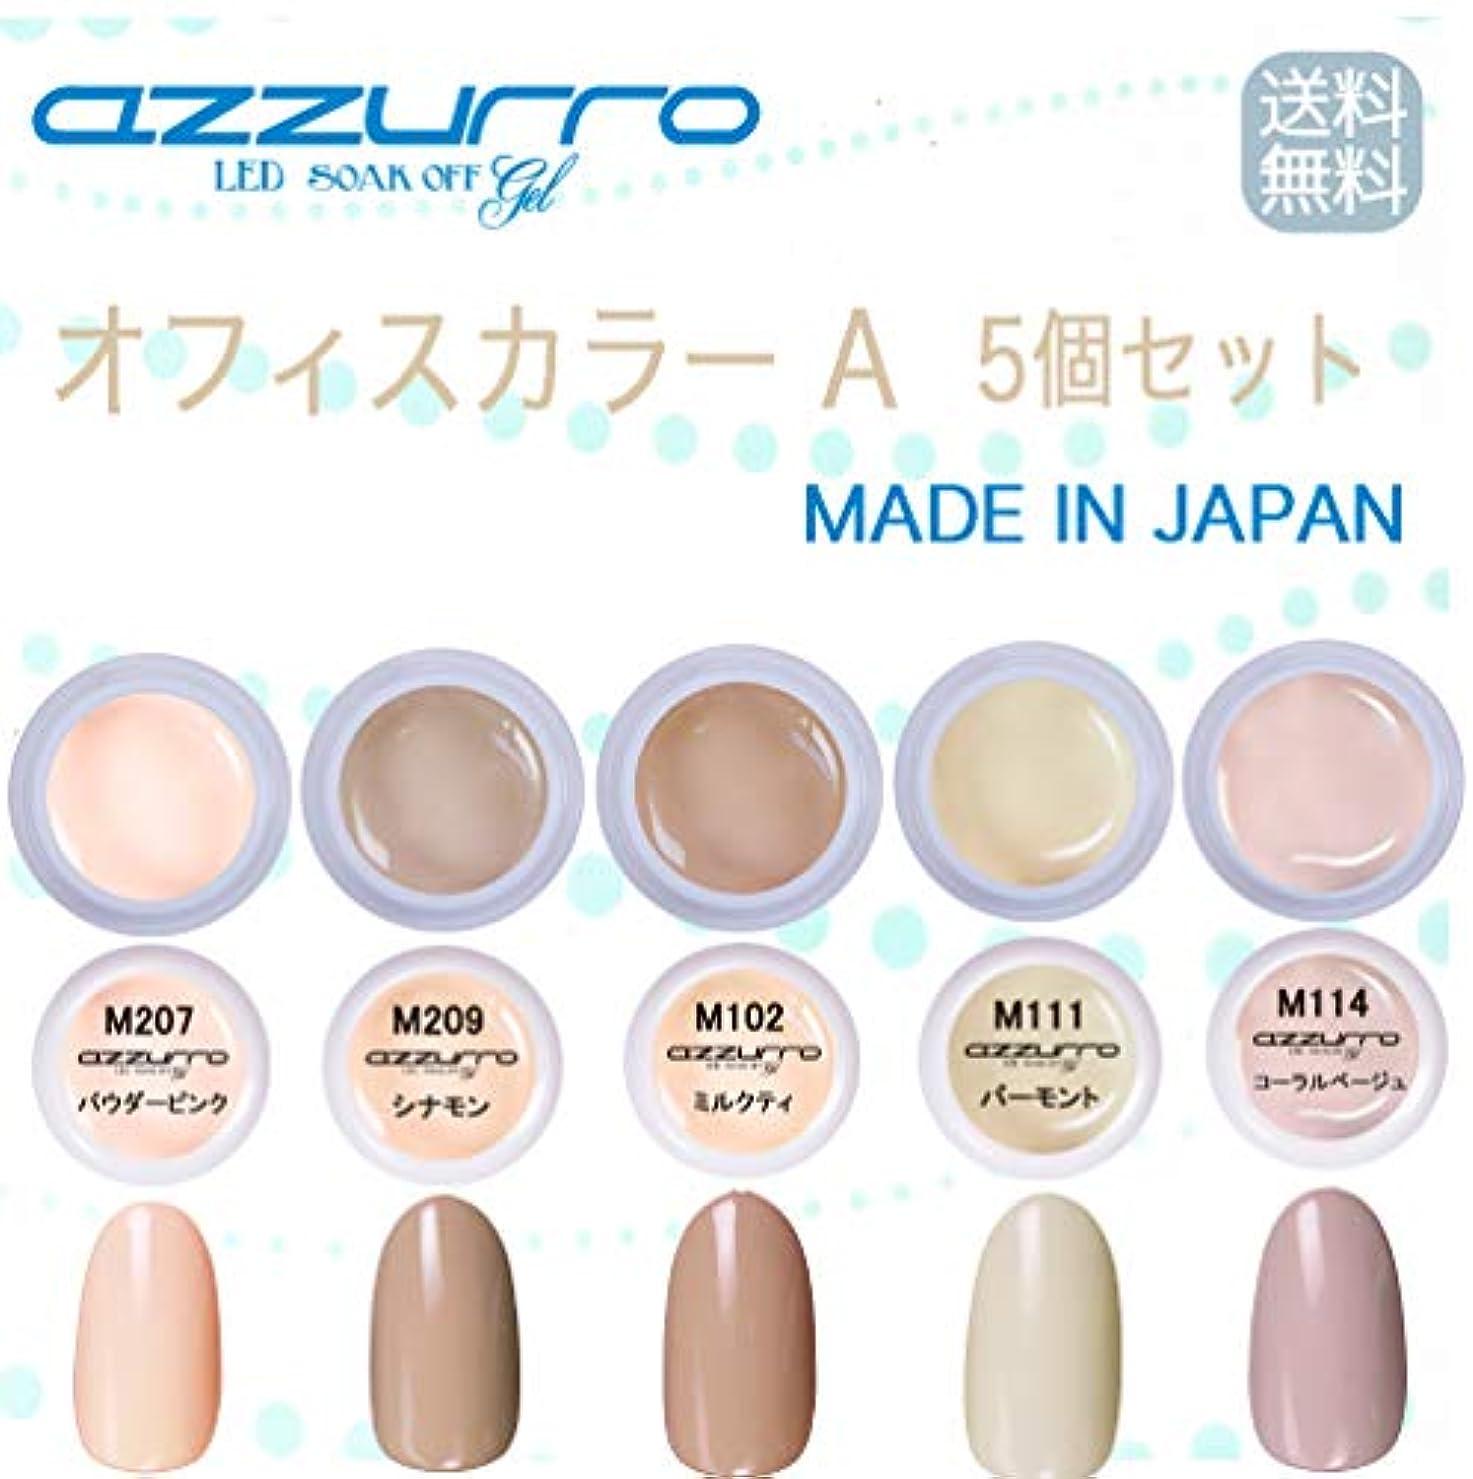 スタウト辞任する体現する【送料無料】日本製 azzurro gel オフィスカラージェルA5個セット オフィスでも人気のカラーをセット